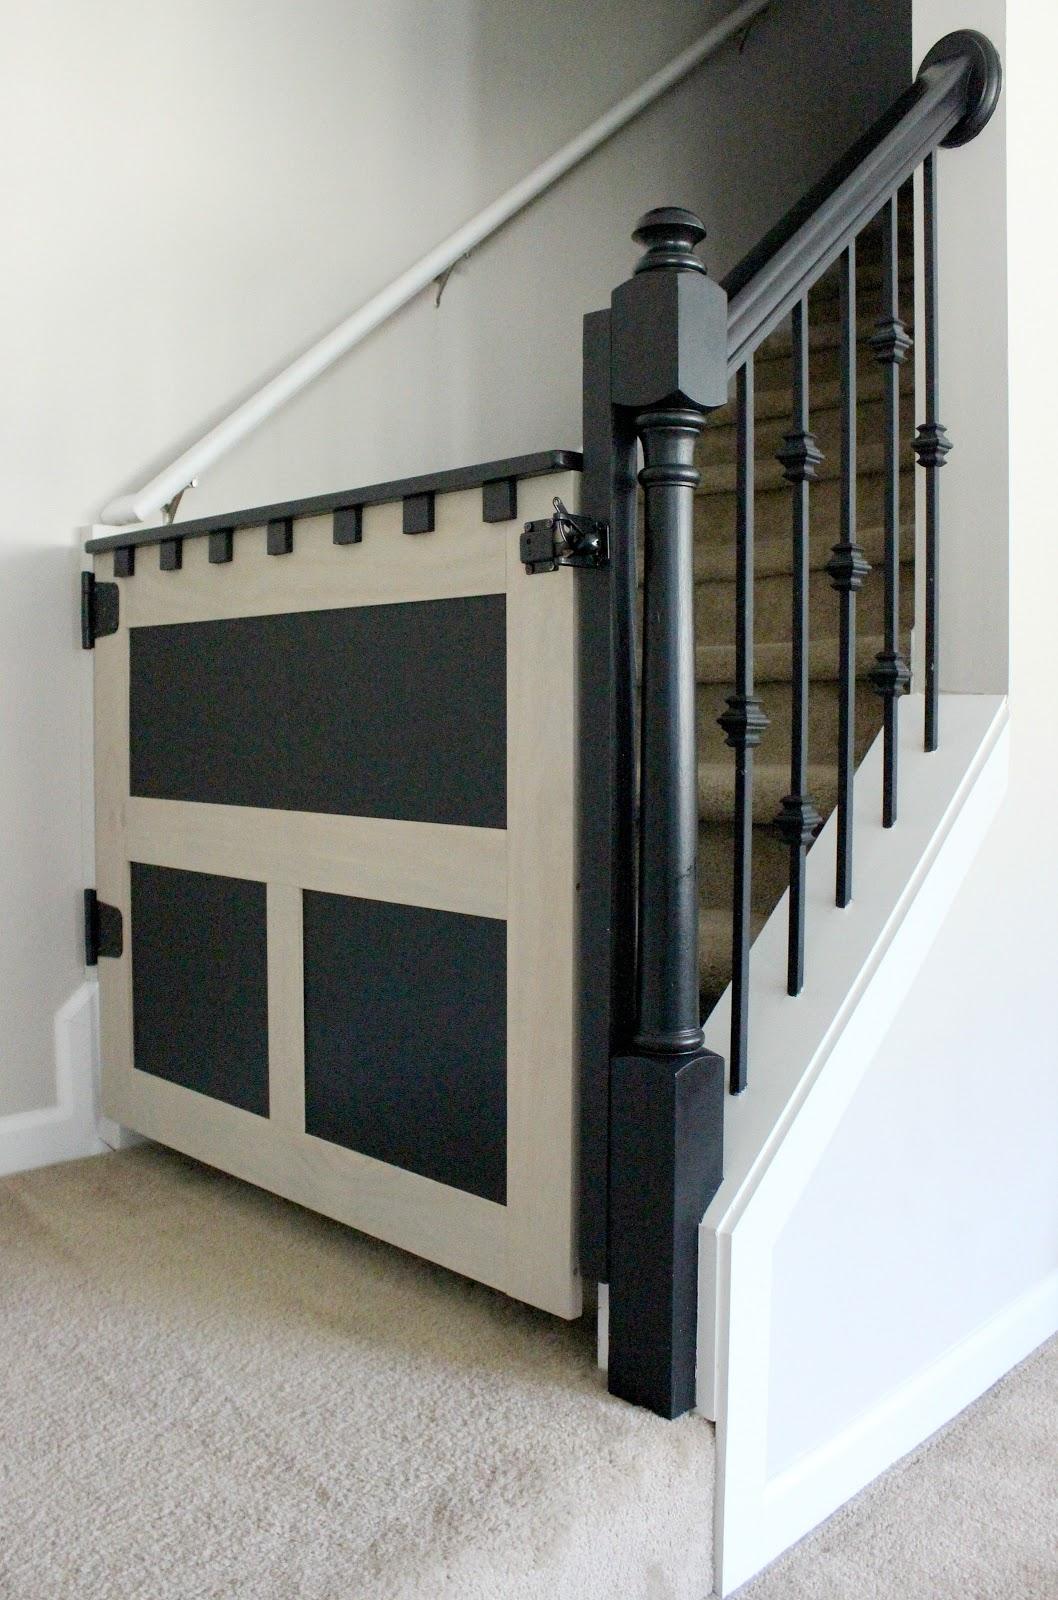 Duo ventures craftsman dutch door inspired diy baby gate for Craftsman dutch door